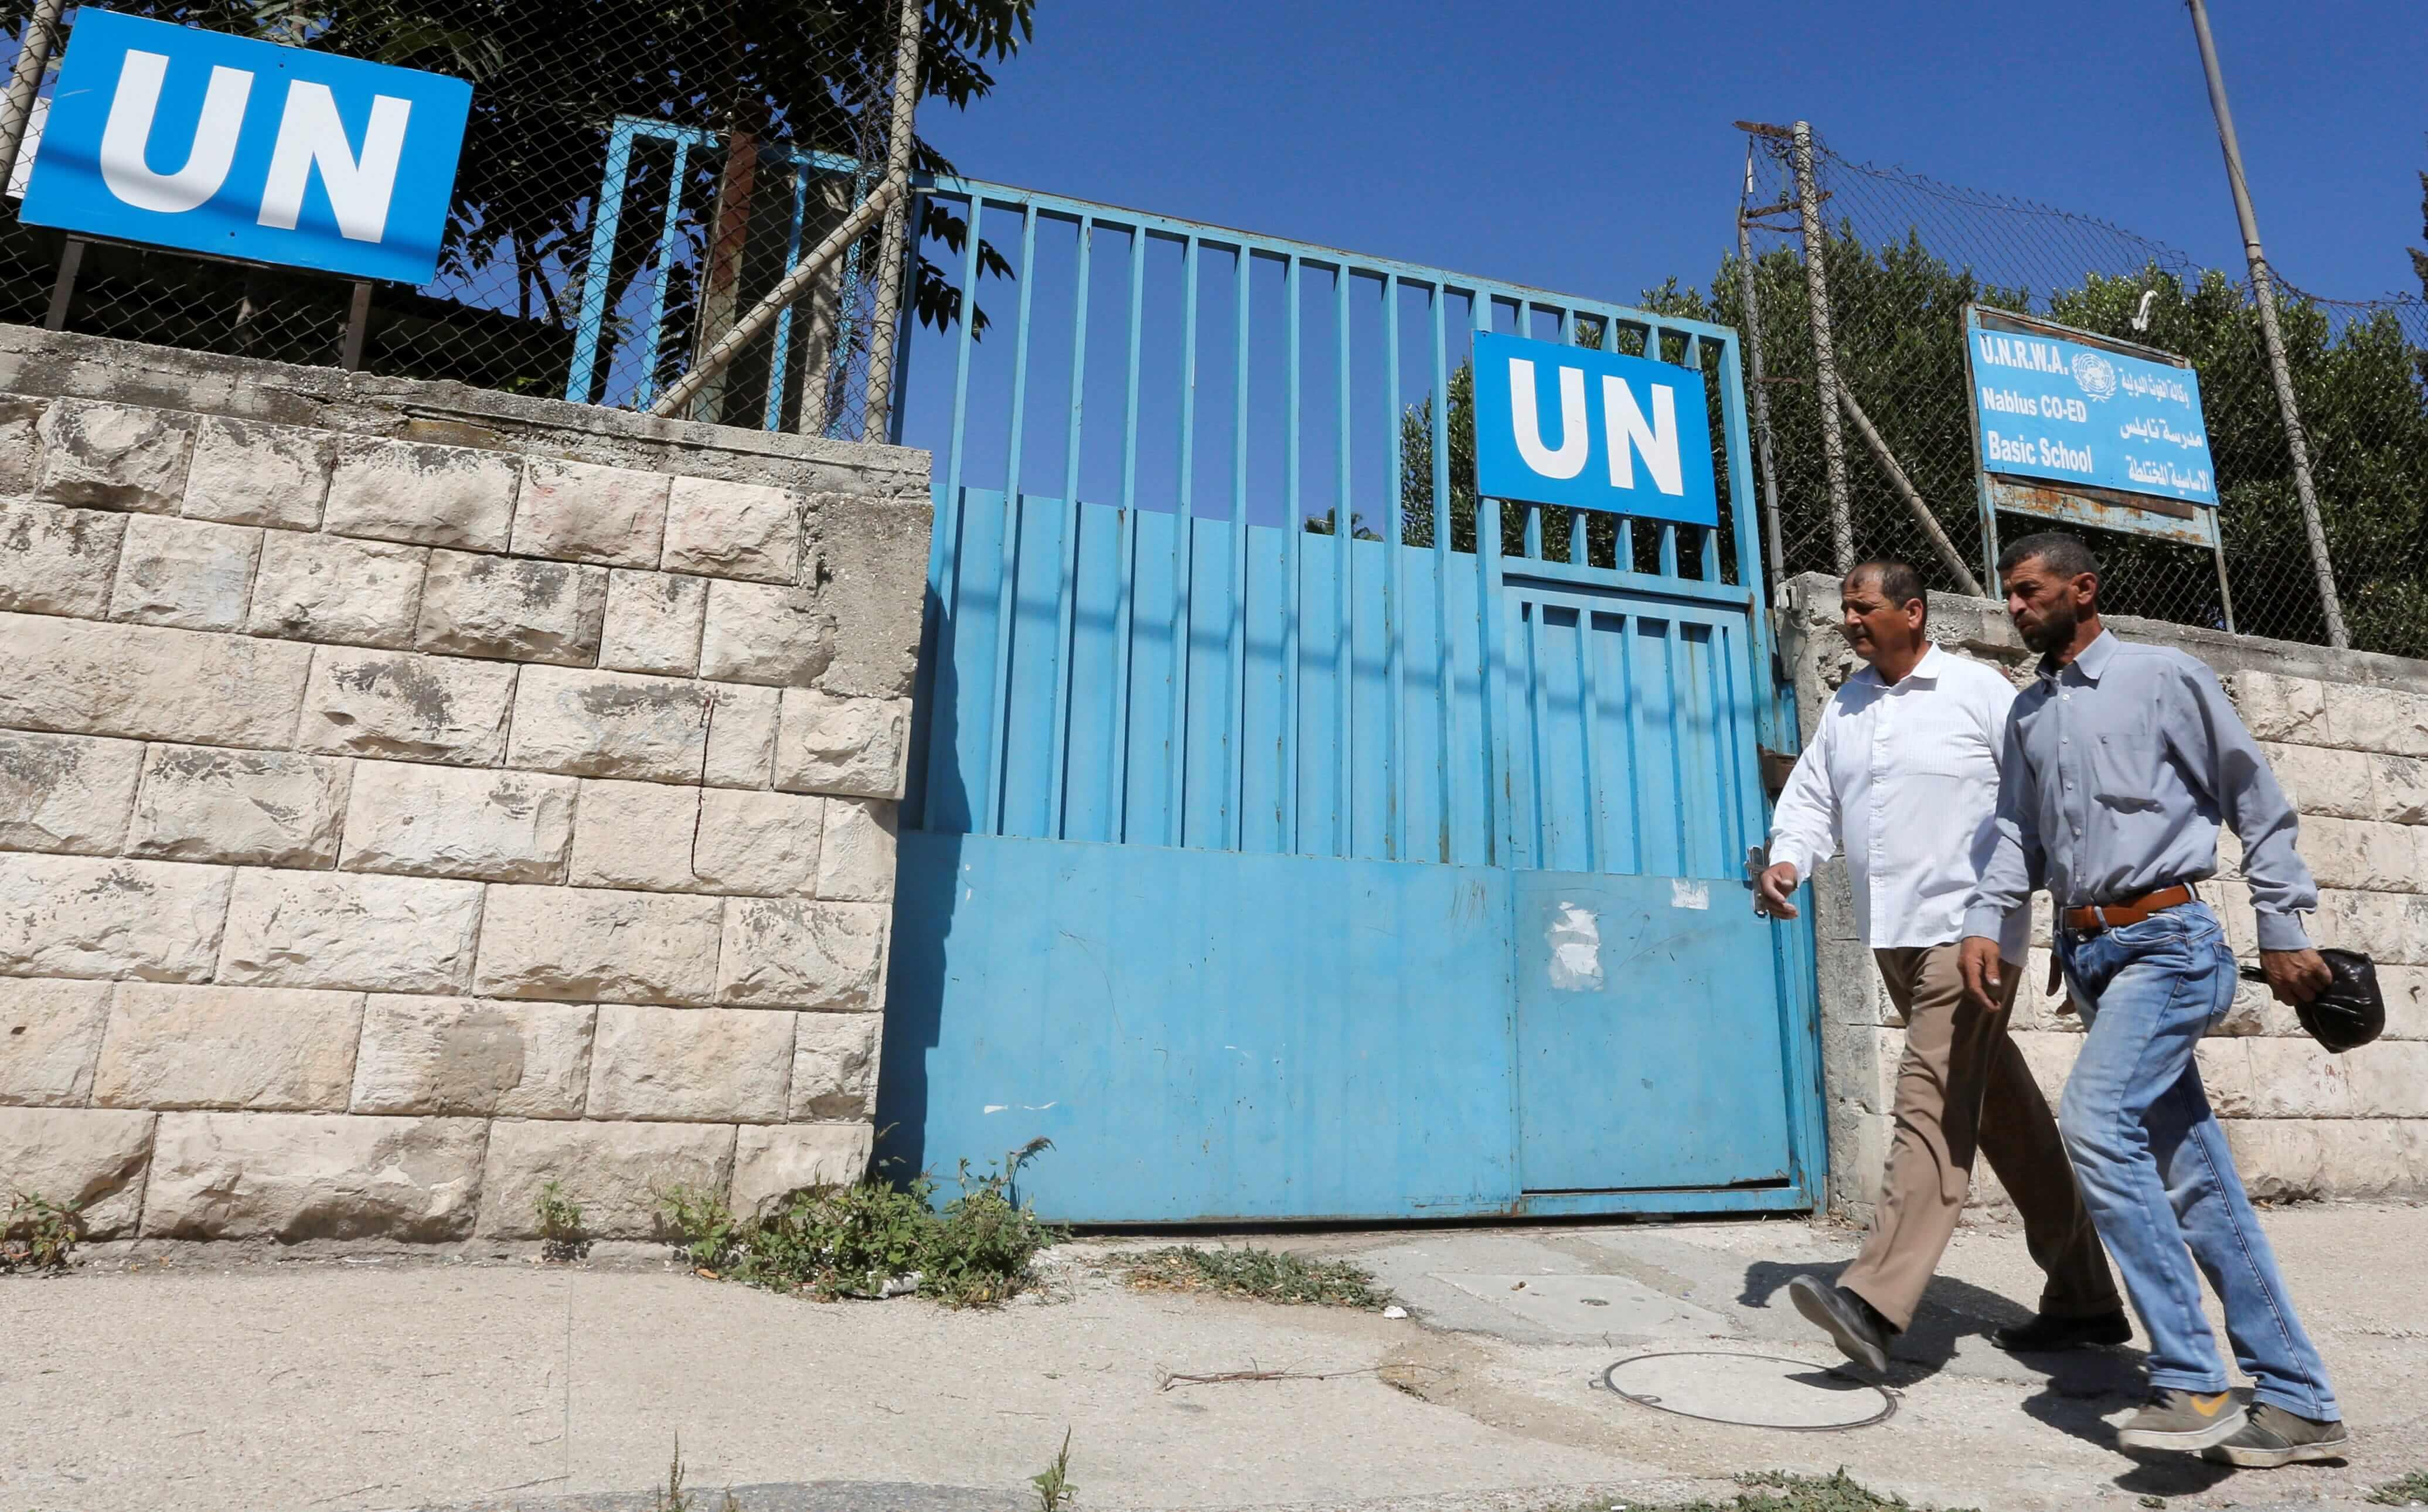 El fin del financiamiento estadounidense a la UNRWA: ¿Oportunidad o amenaza? – Por Michal Hatuel-Radoshitzky & Kobi Michael (INSS)